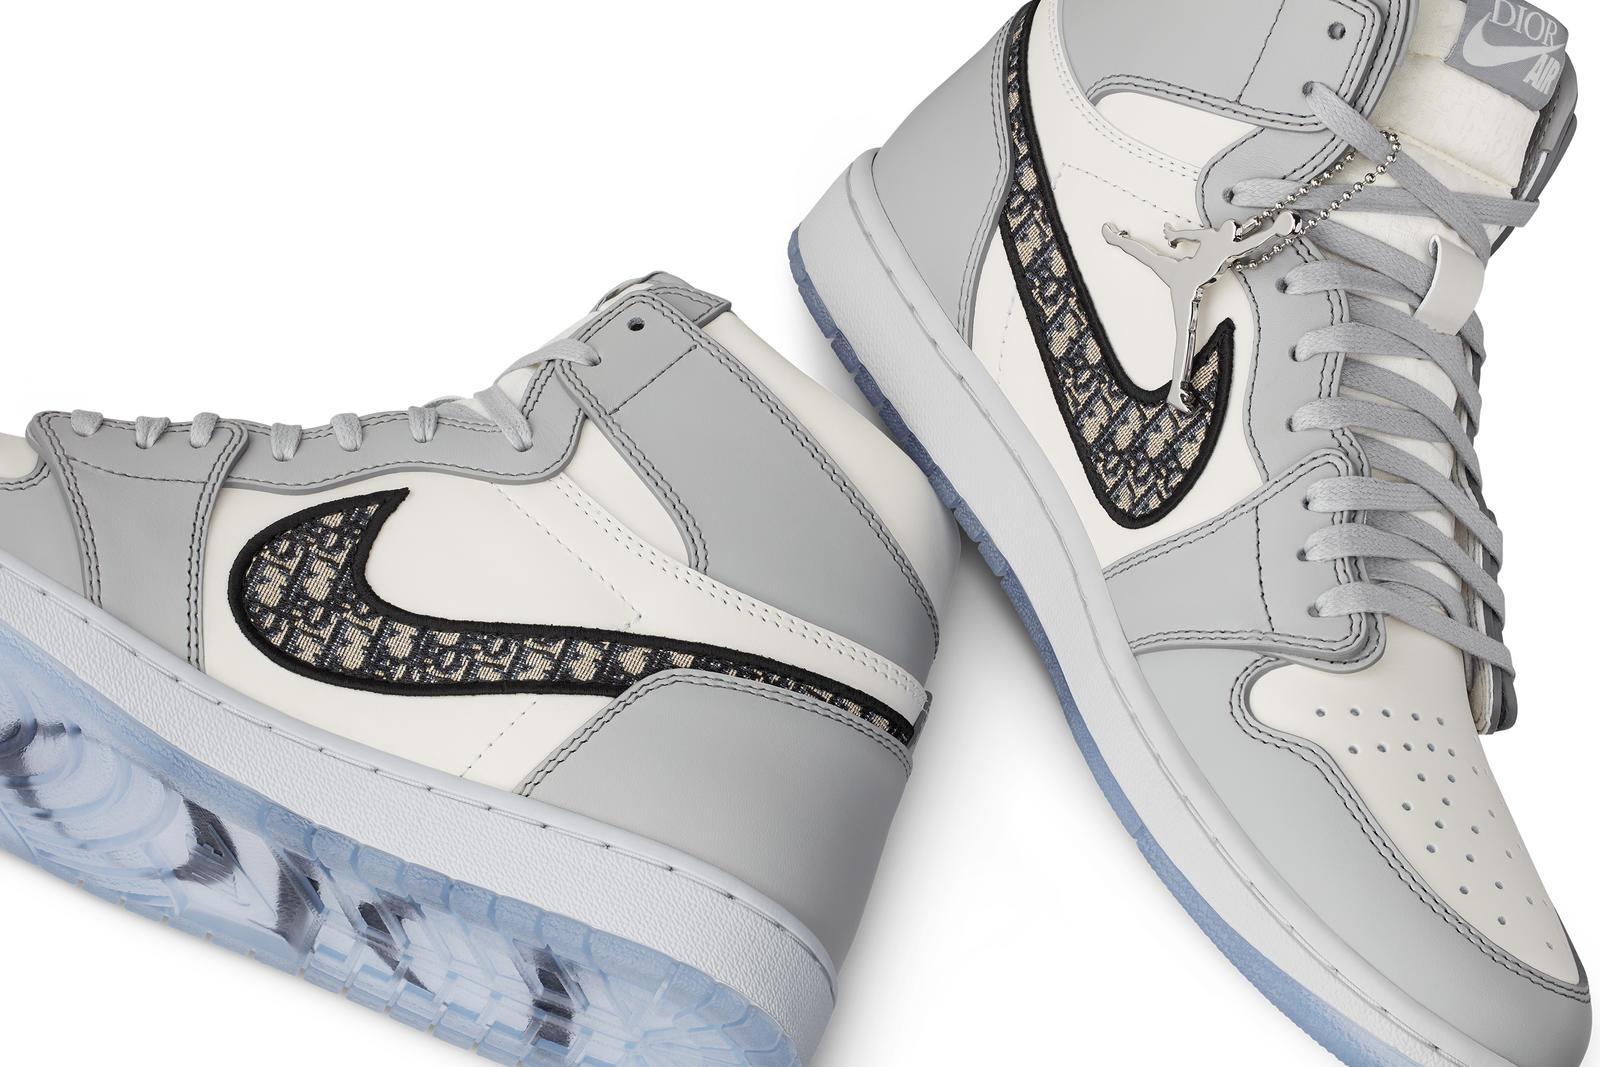 Air Jordan 1 Dior - Sneakers Conversation